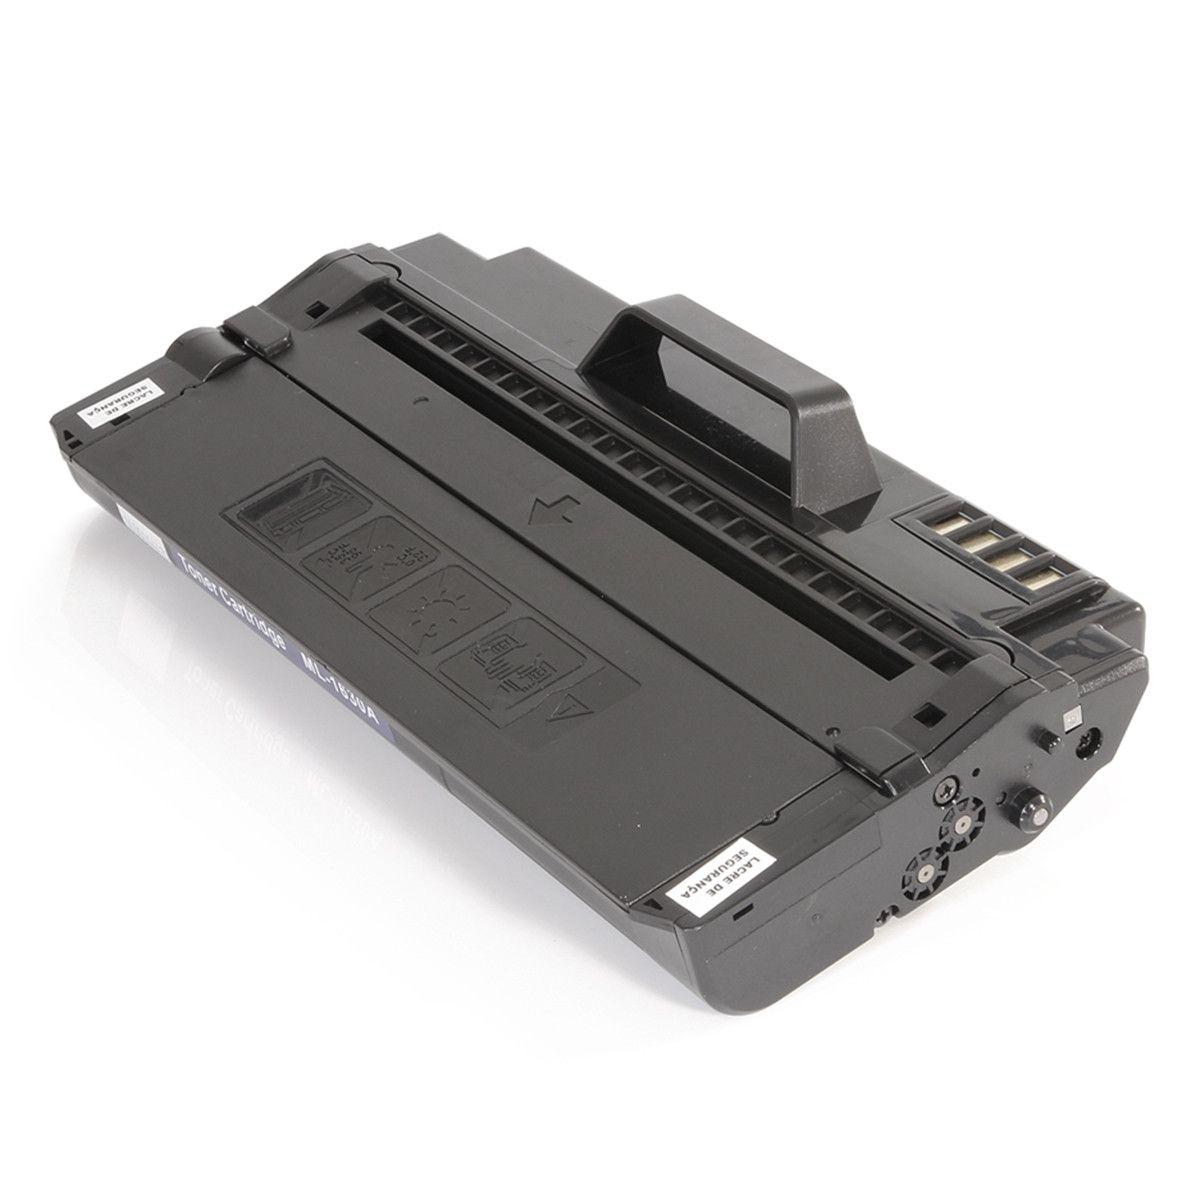 Toner Compatível Samsung ML-D1630A ML-1630 ML-1631 SCX-4500 2.000 Páginas -Cartucho & Cia